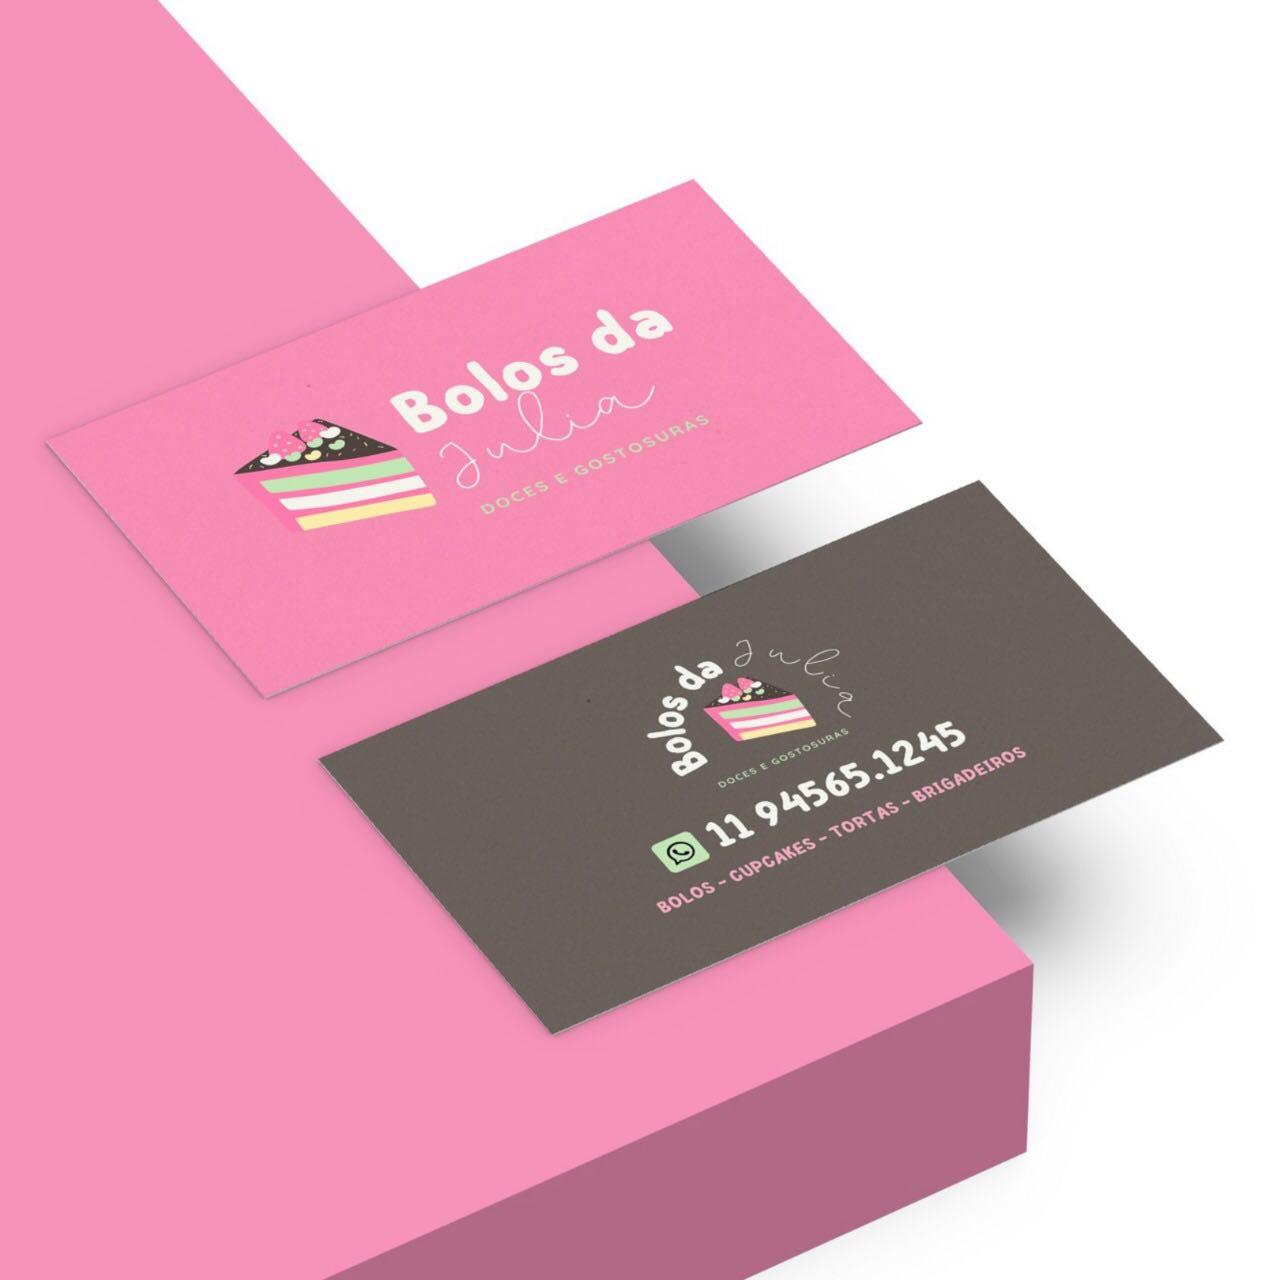 Cartão de visita - Bolos e Doces